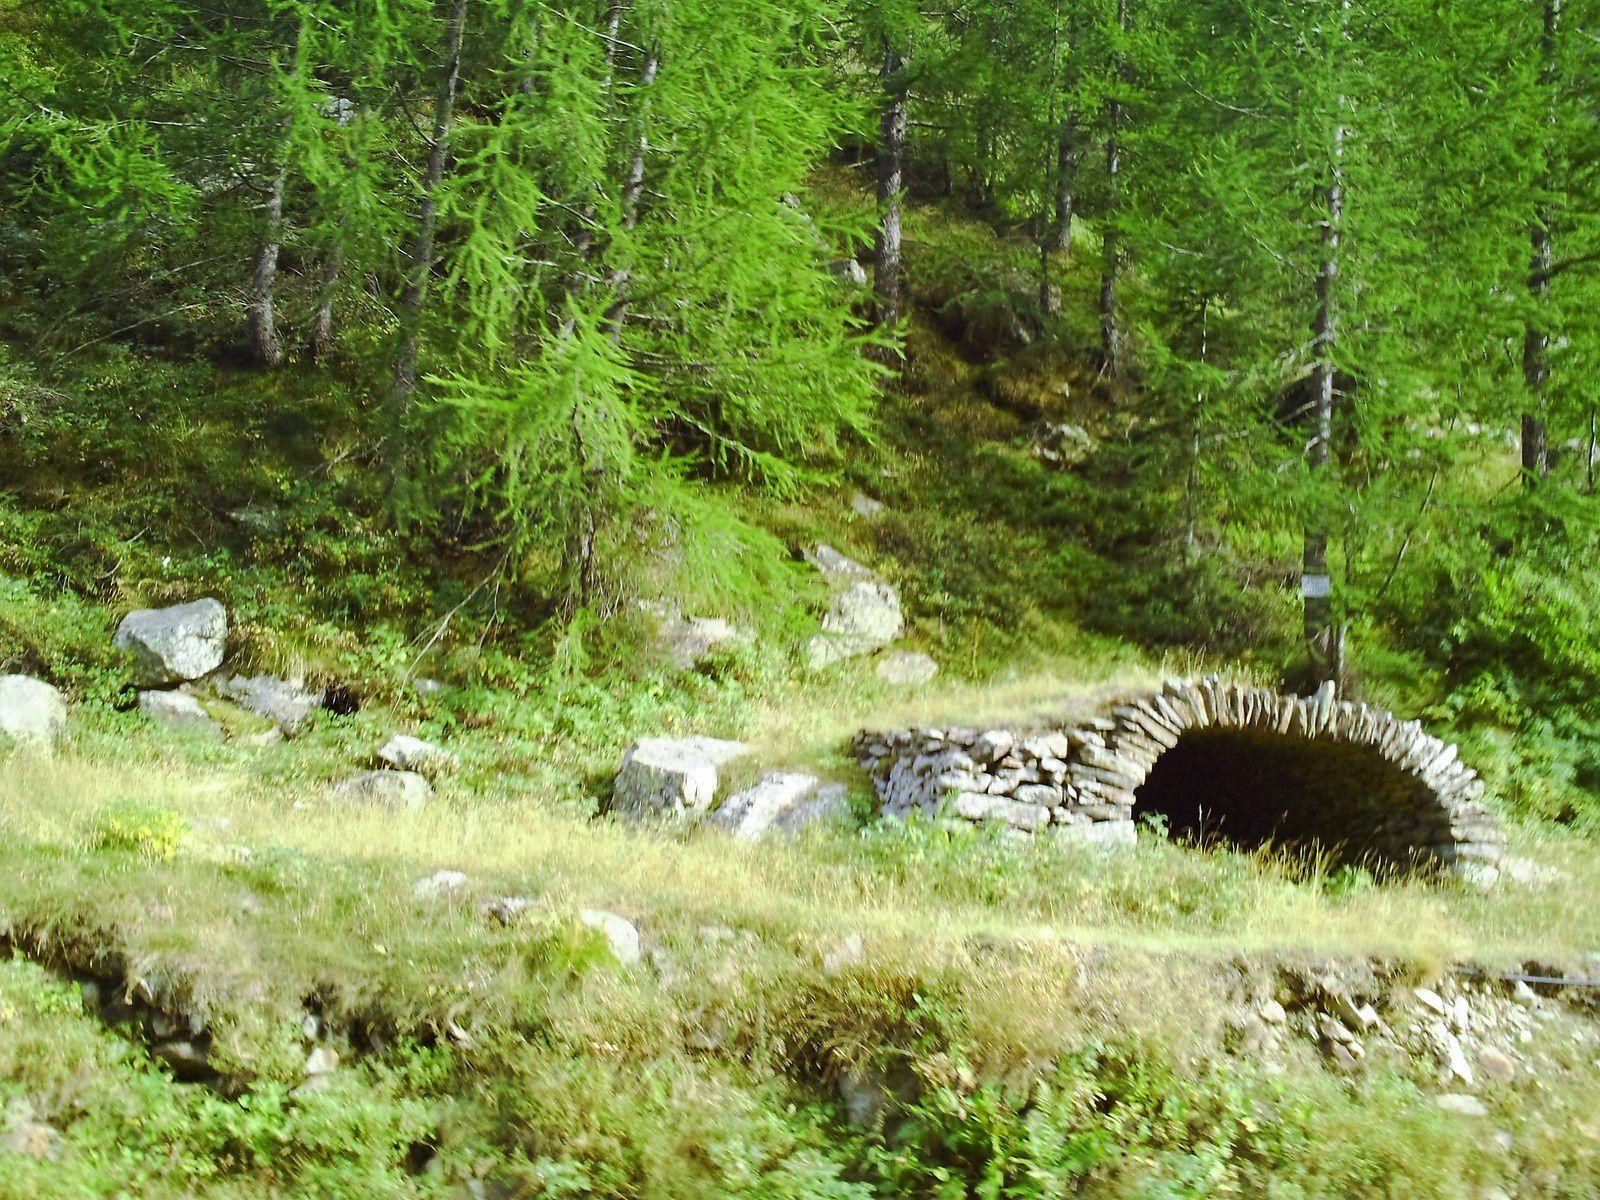 Goldwing - Notre voyage dans les Hautes-Alpes en Goldwing 1800 et Varadero 125 - 5ème jour